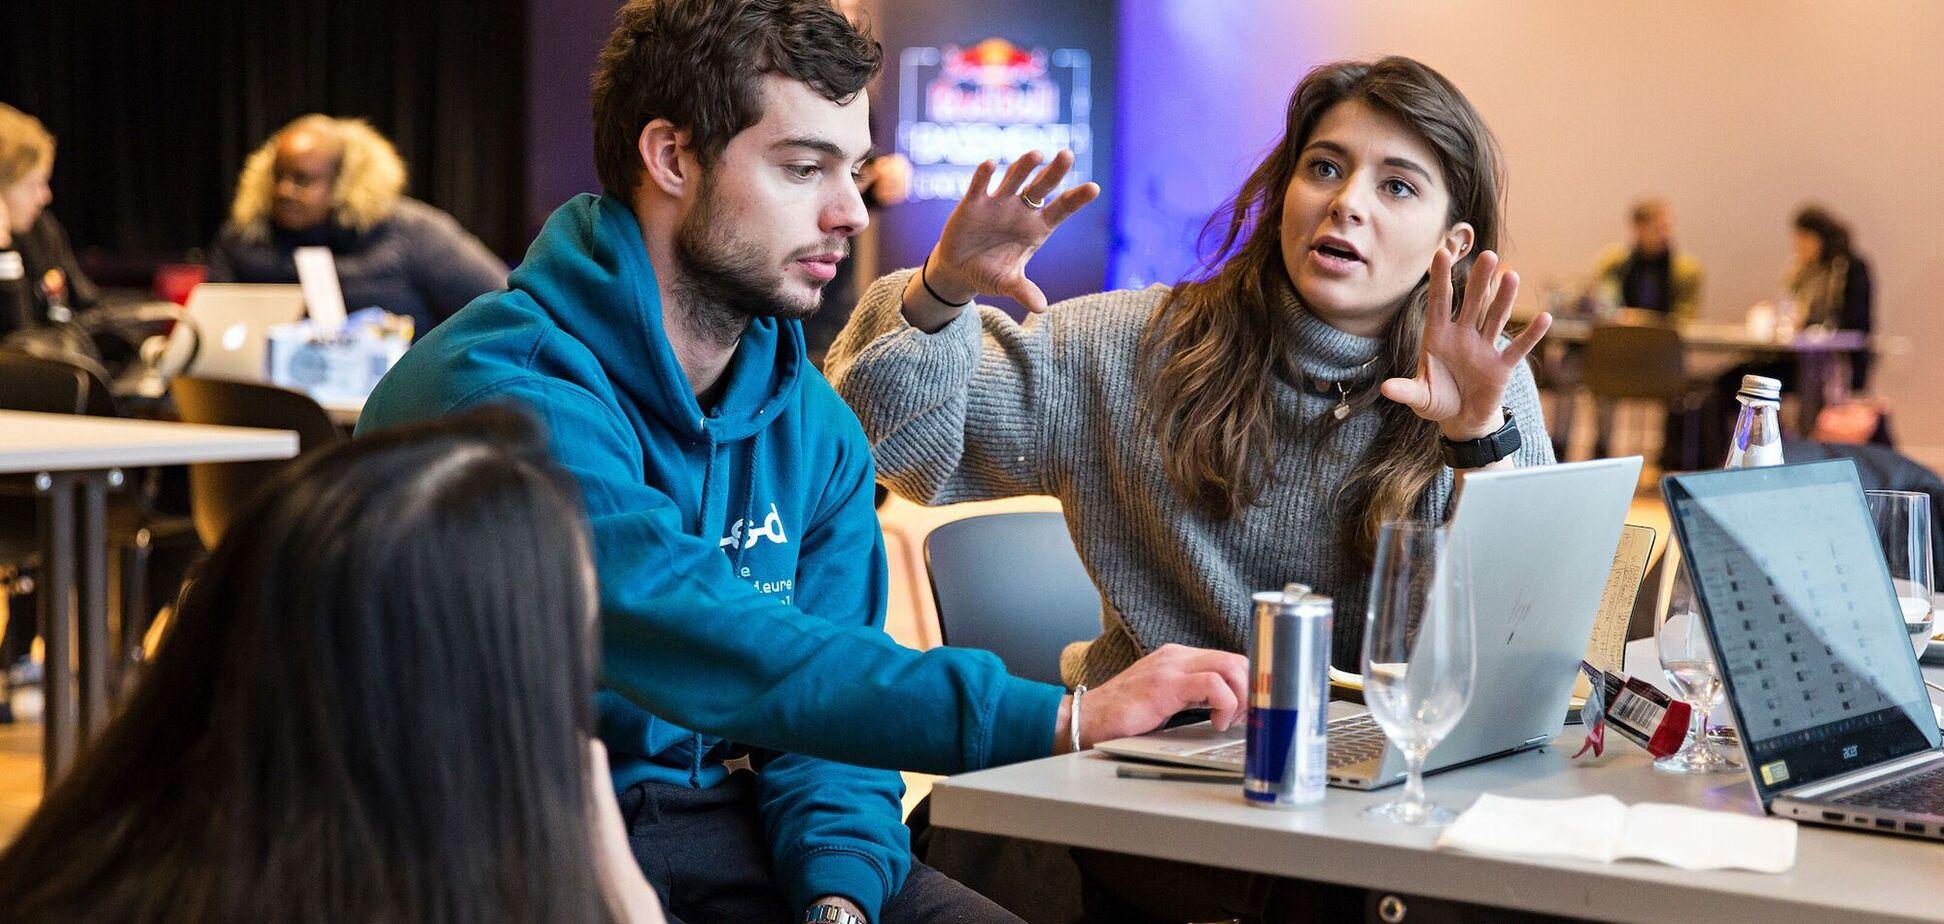 Red Bull Basement запрошує студентів подавати та втілювати свої ідеї